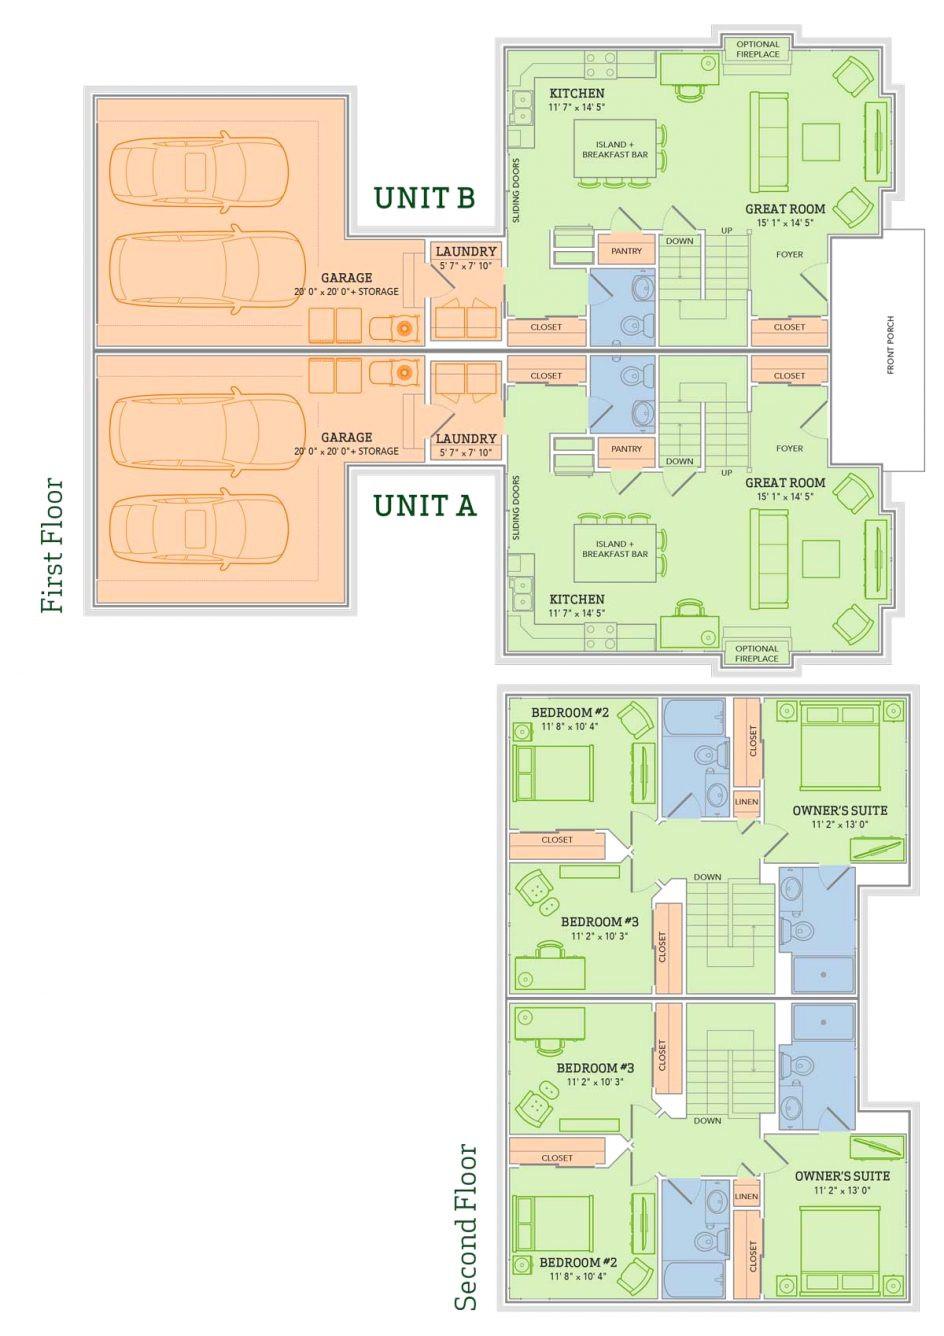 veridian homes floor plans